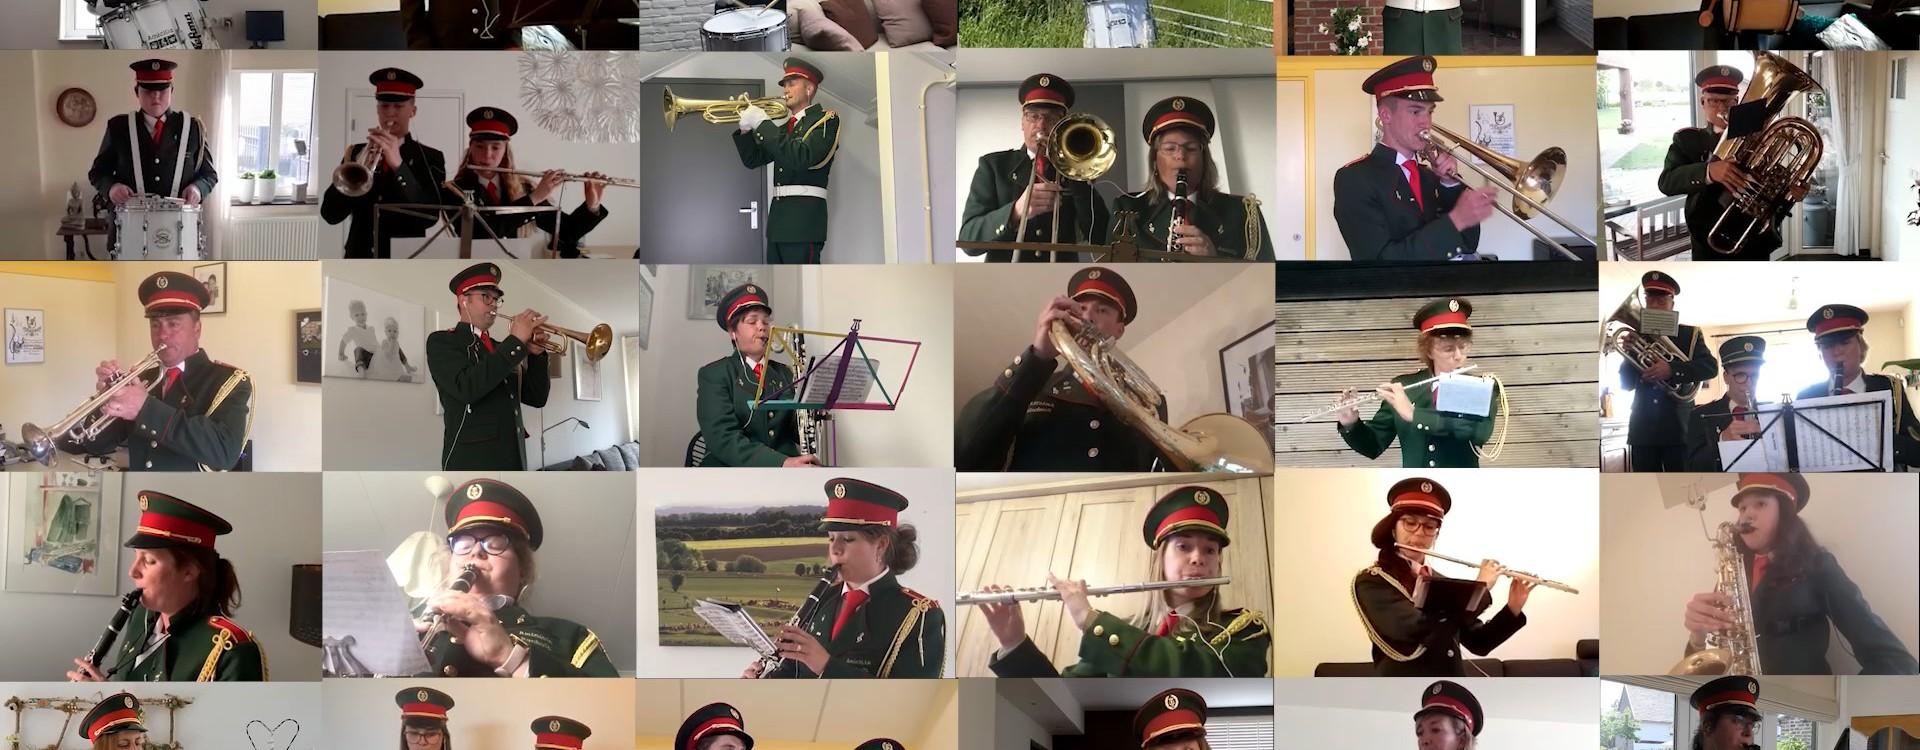 Broonk mars La St, Hubert overzicht muzikanten